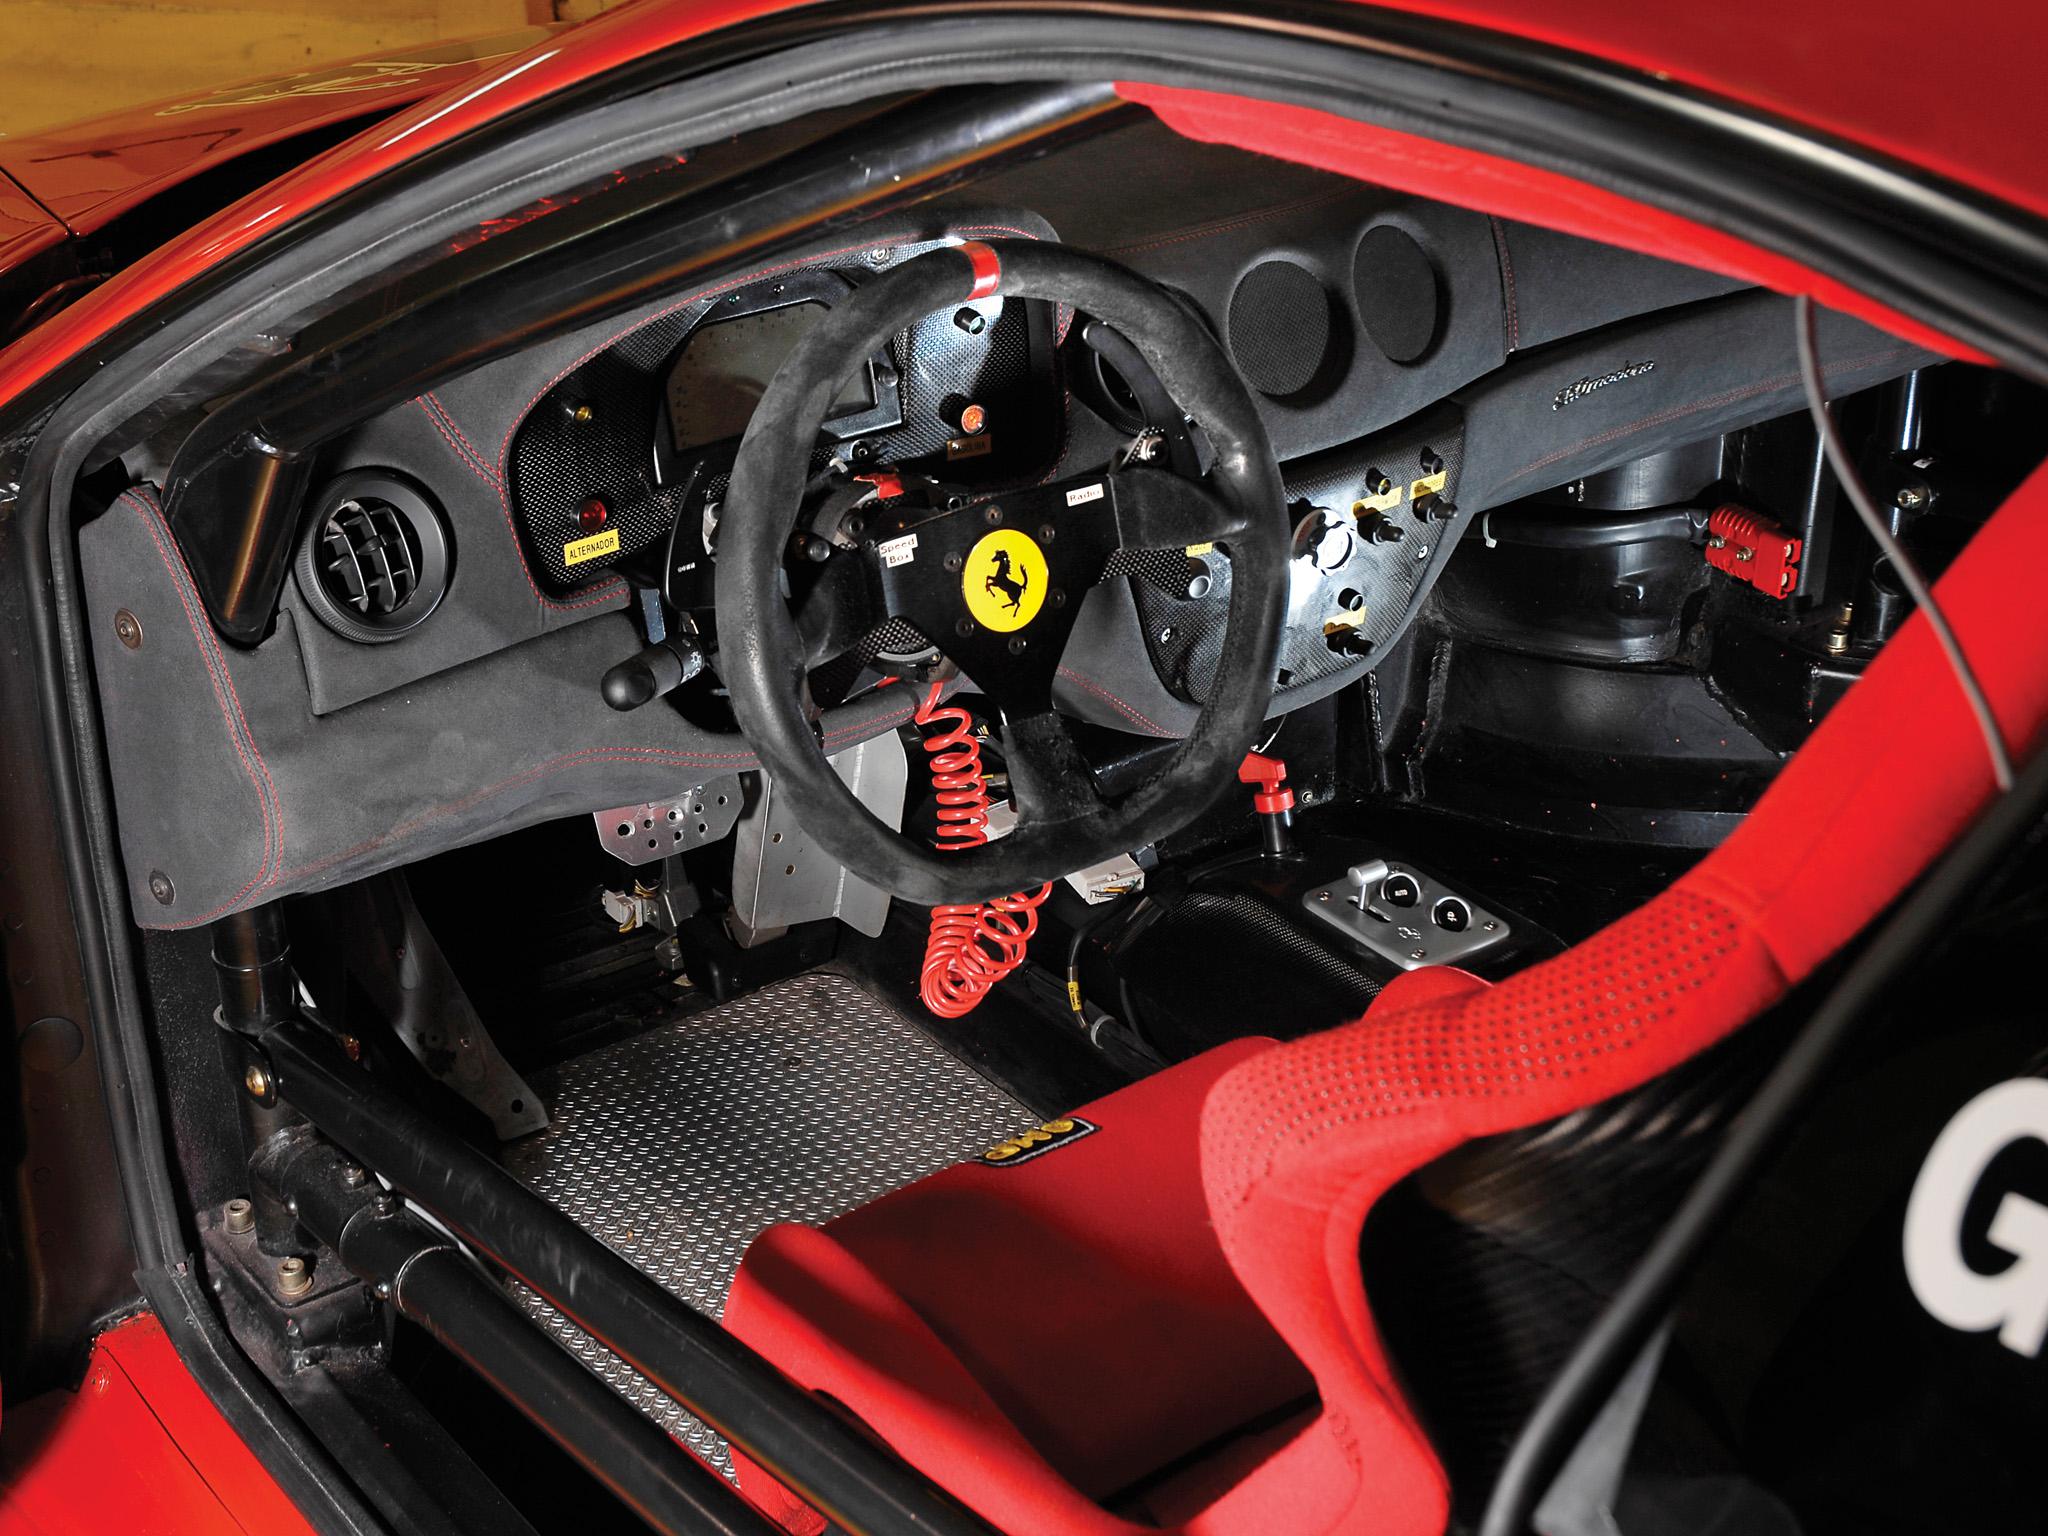 2000 ferrari 360 n gt modena supercar race racing g t interior wallpaper 2048x1536 132242. Black Bedroom Furniture Sets. Home Design Ideas